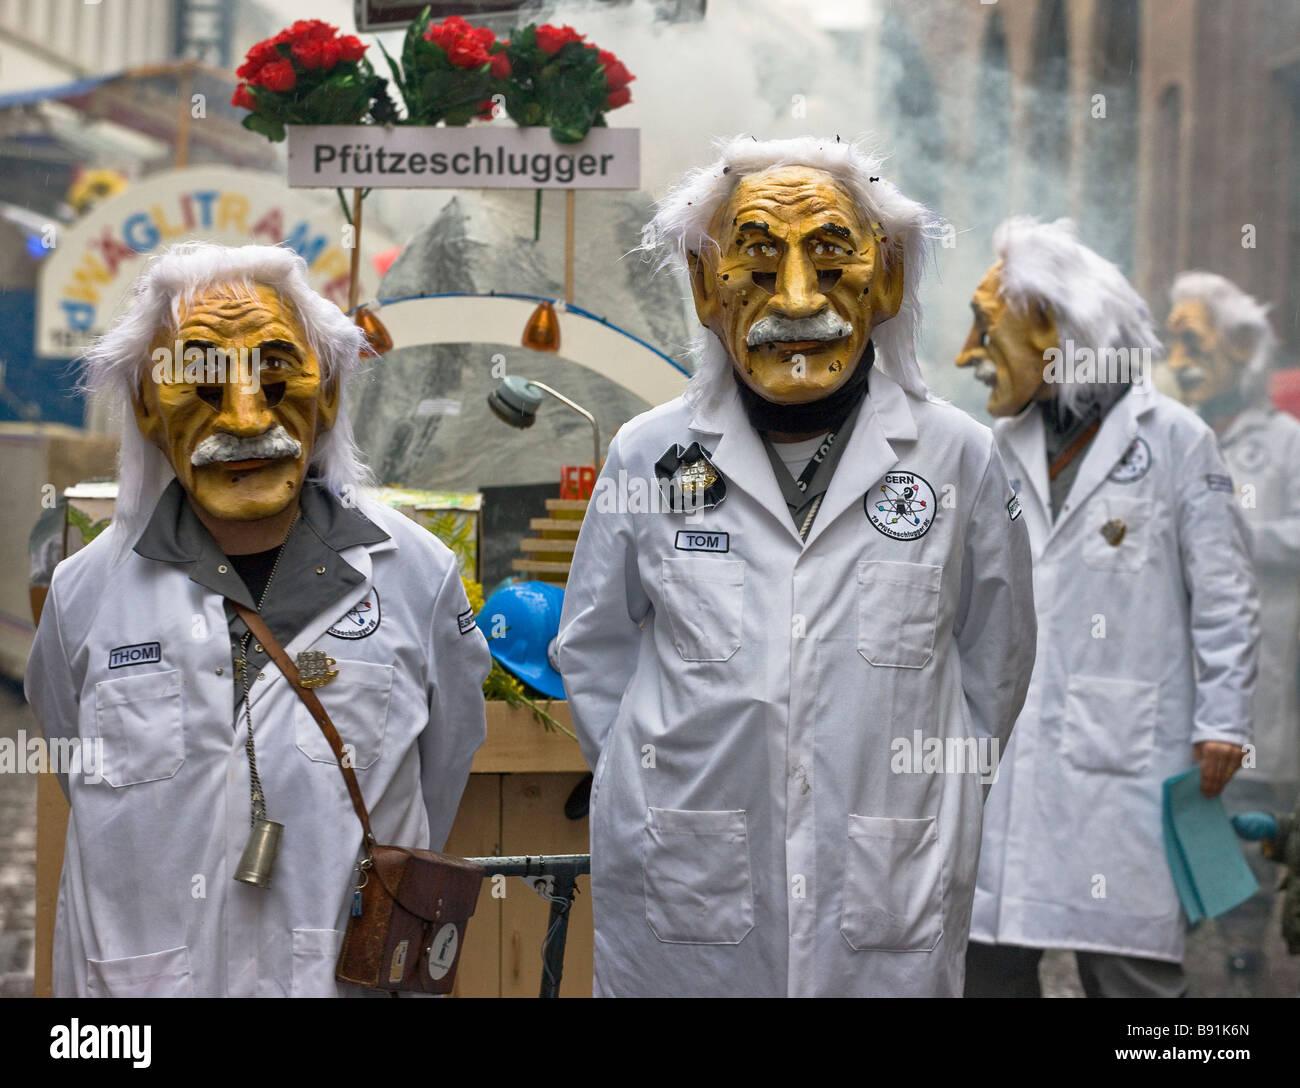 Dimostranti vestito come Einsteins nel carnevale, un winter carnival nel nord-ovest la città svizzera di Basilea Immagini Stock